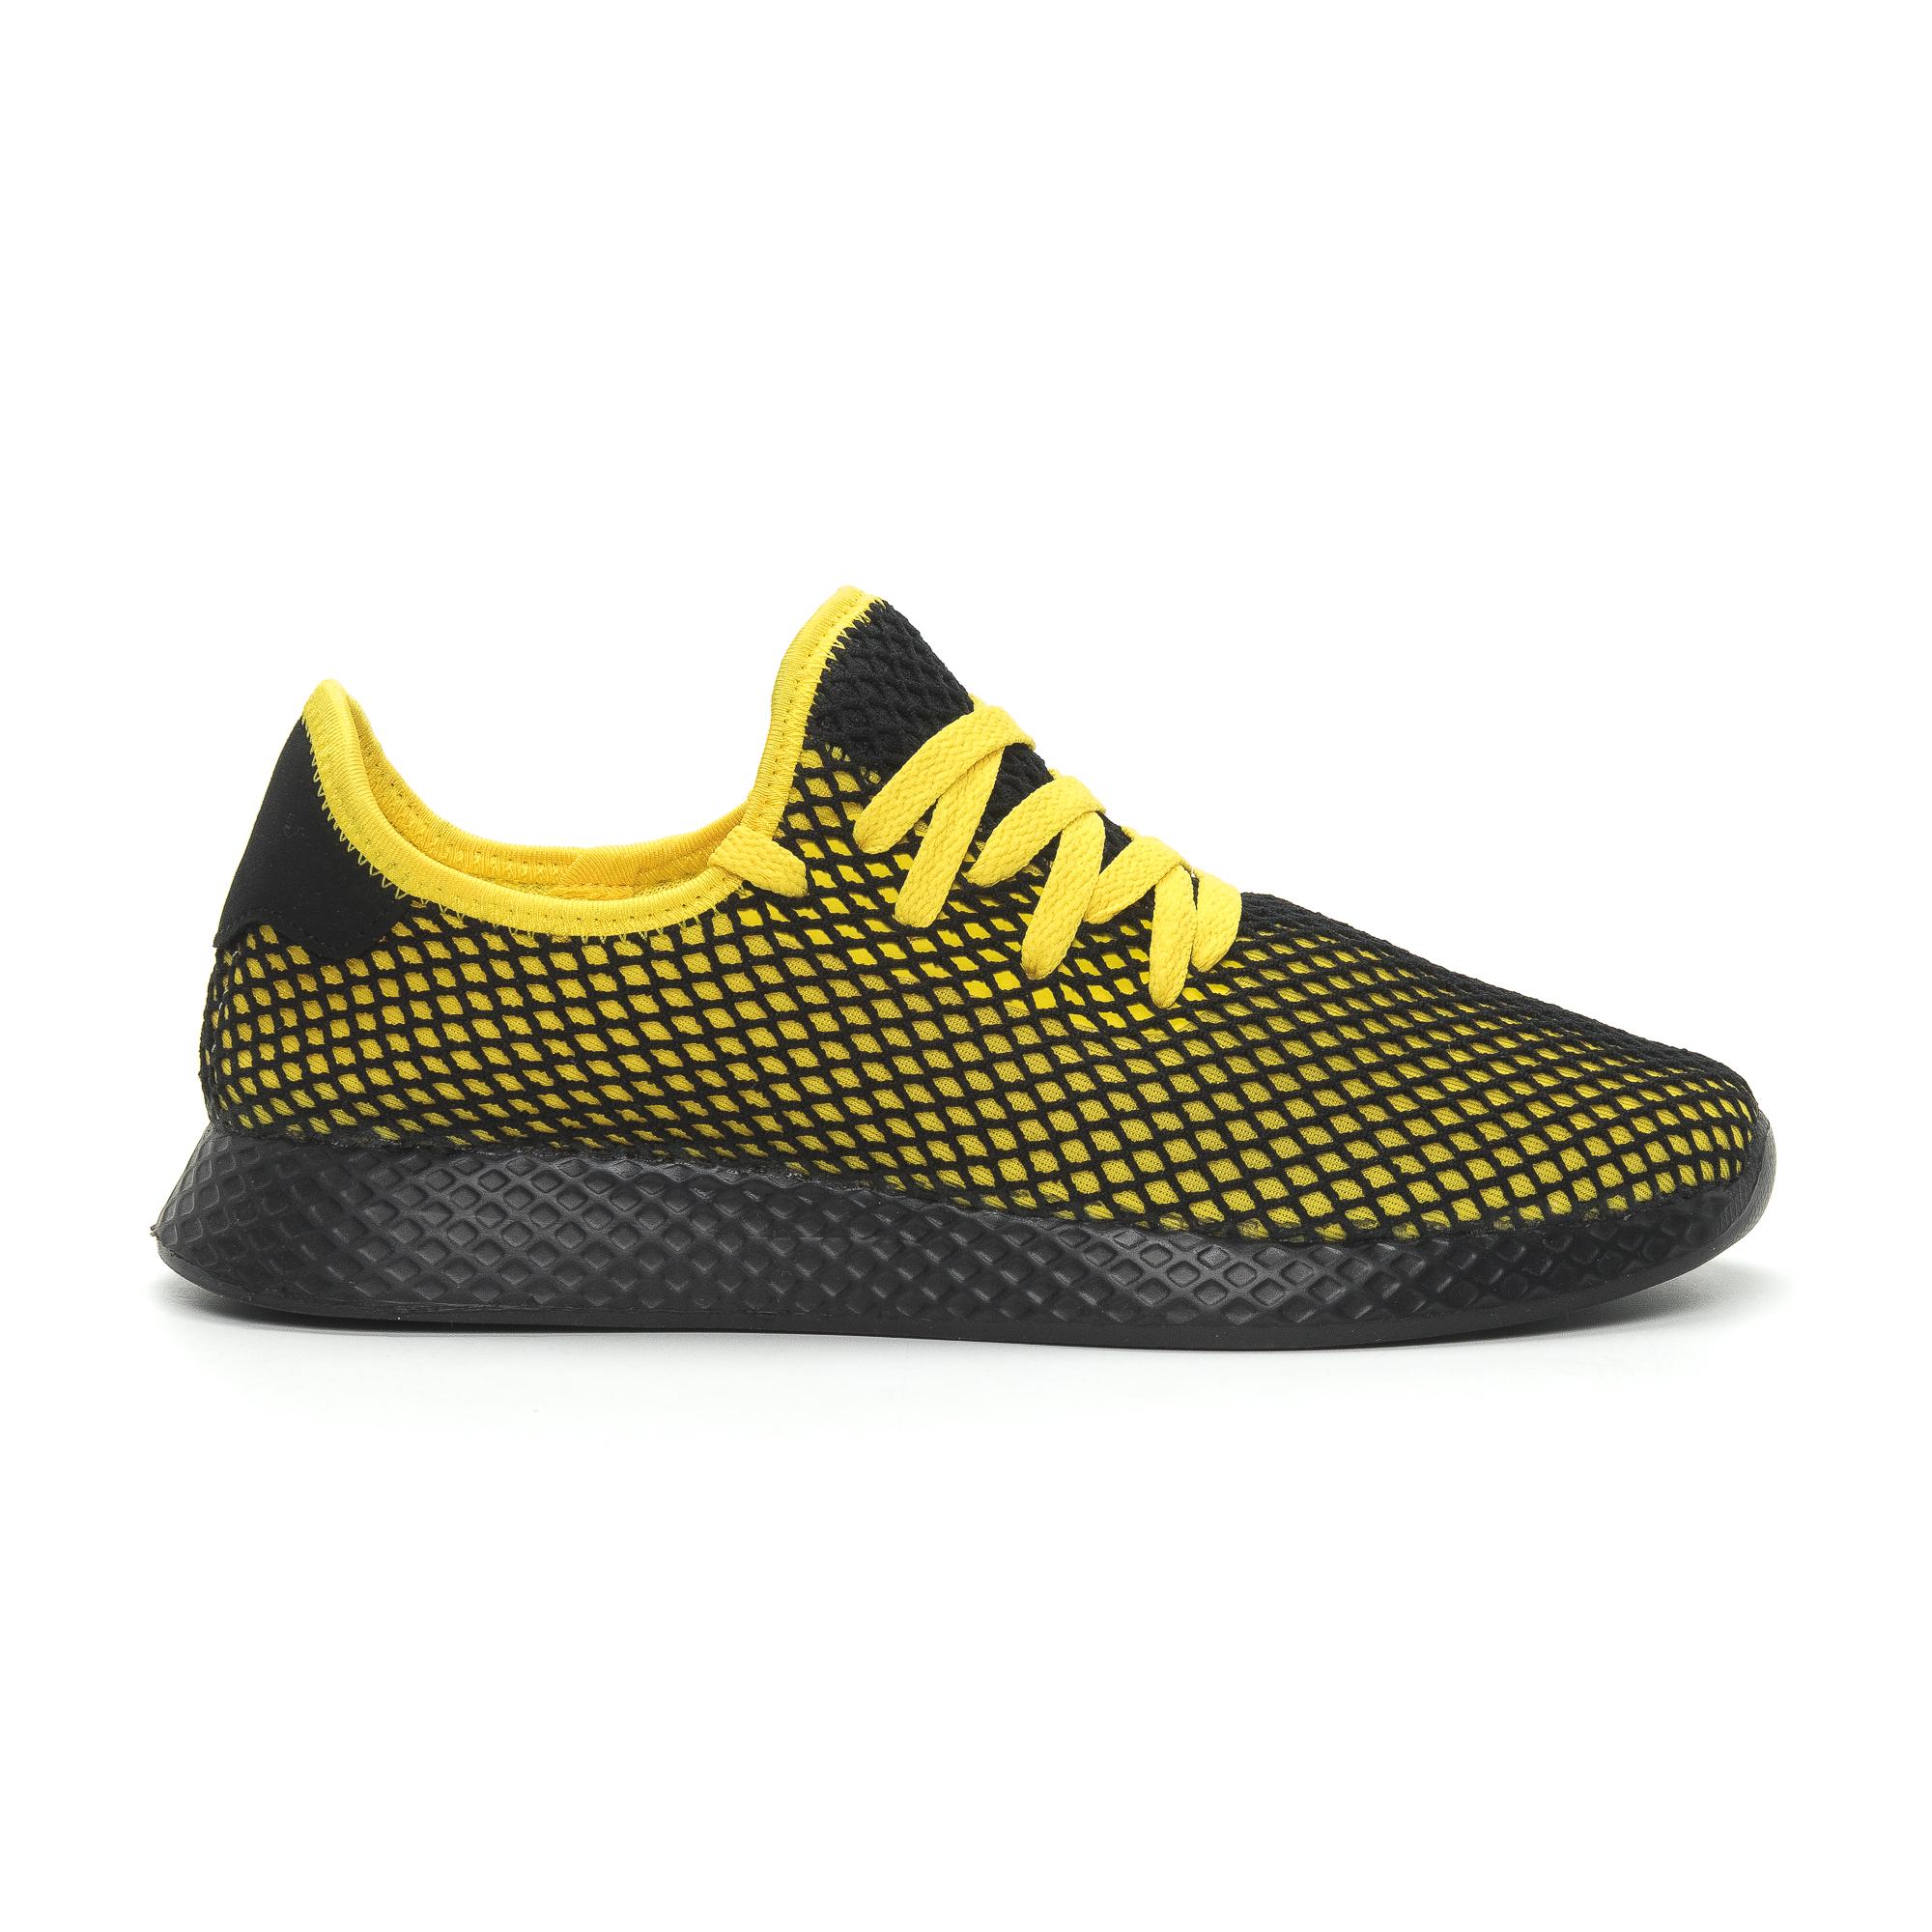 555d27fecfbf -20% Fashionmix Ανδρικά κίτρινα αθλητικά παπούτσια Mesh ελαφρύ μοντέλο